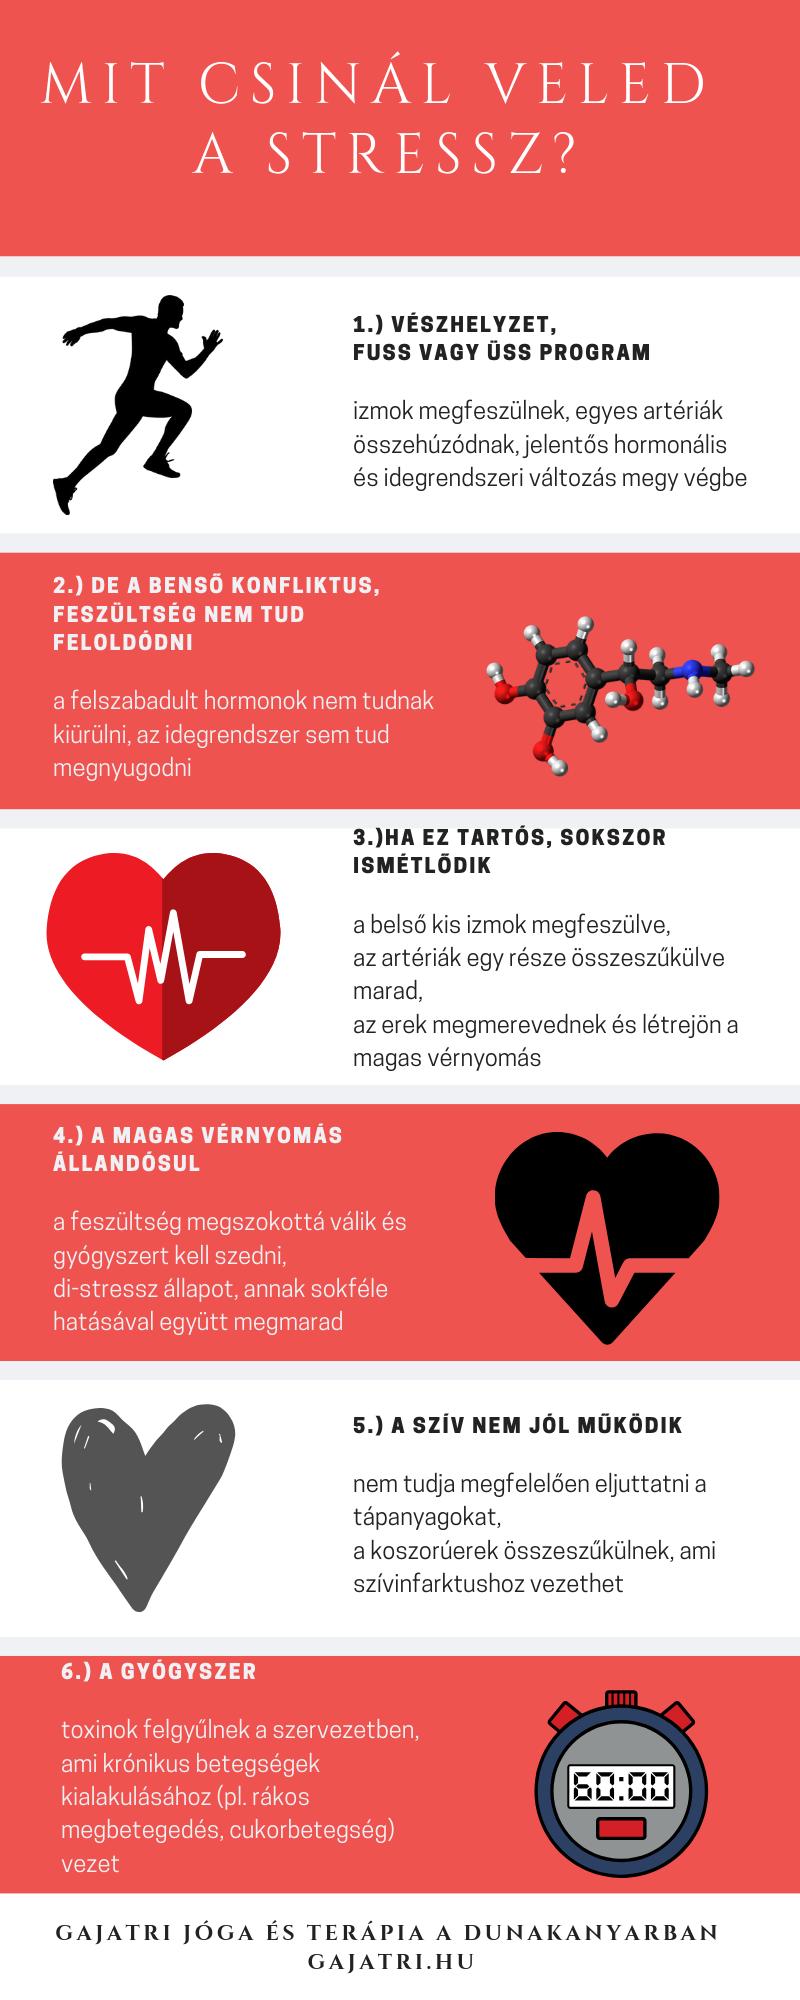 áldjon meg a magas vérnyomás kezelésére hogyan lehet legyőzni a magas vérnyomást